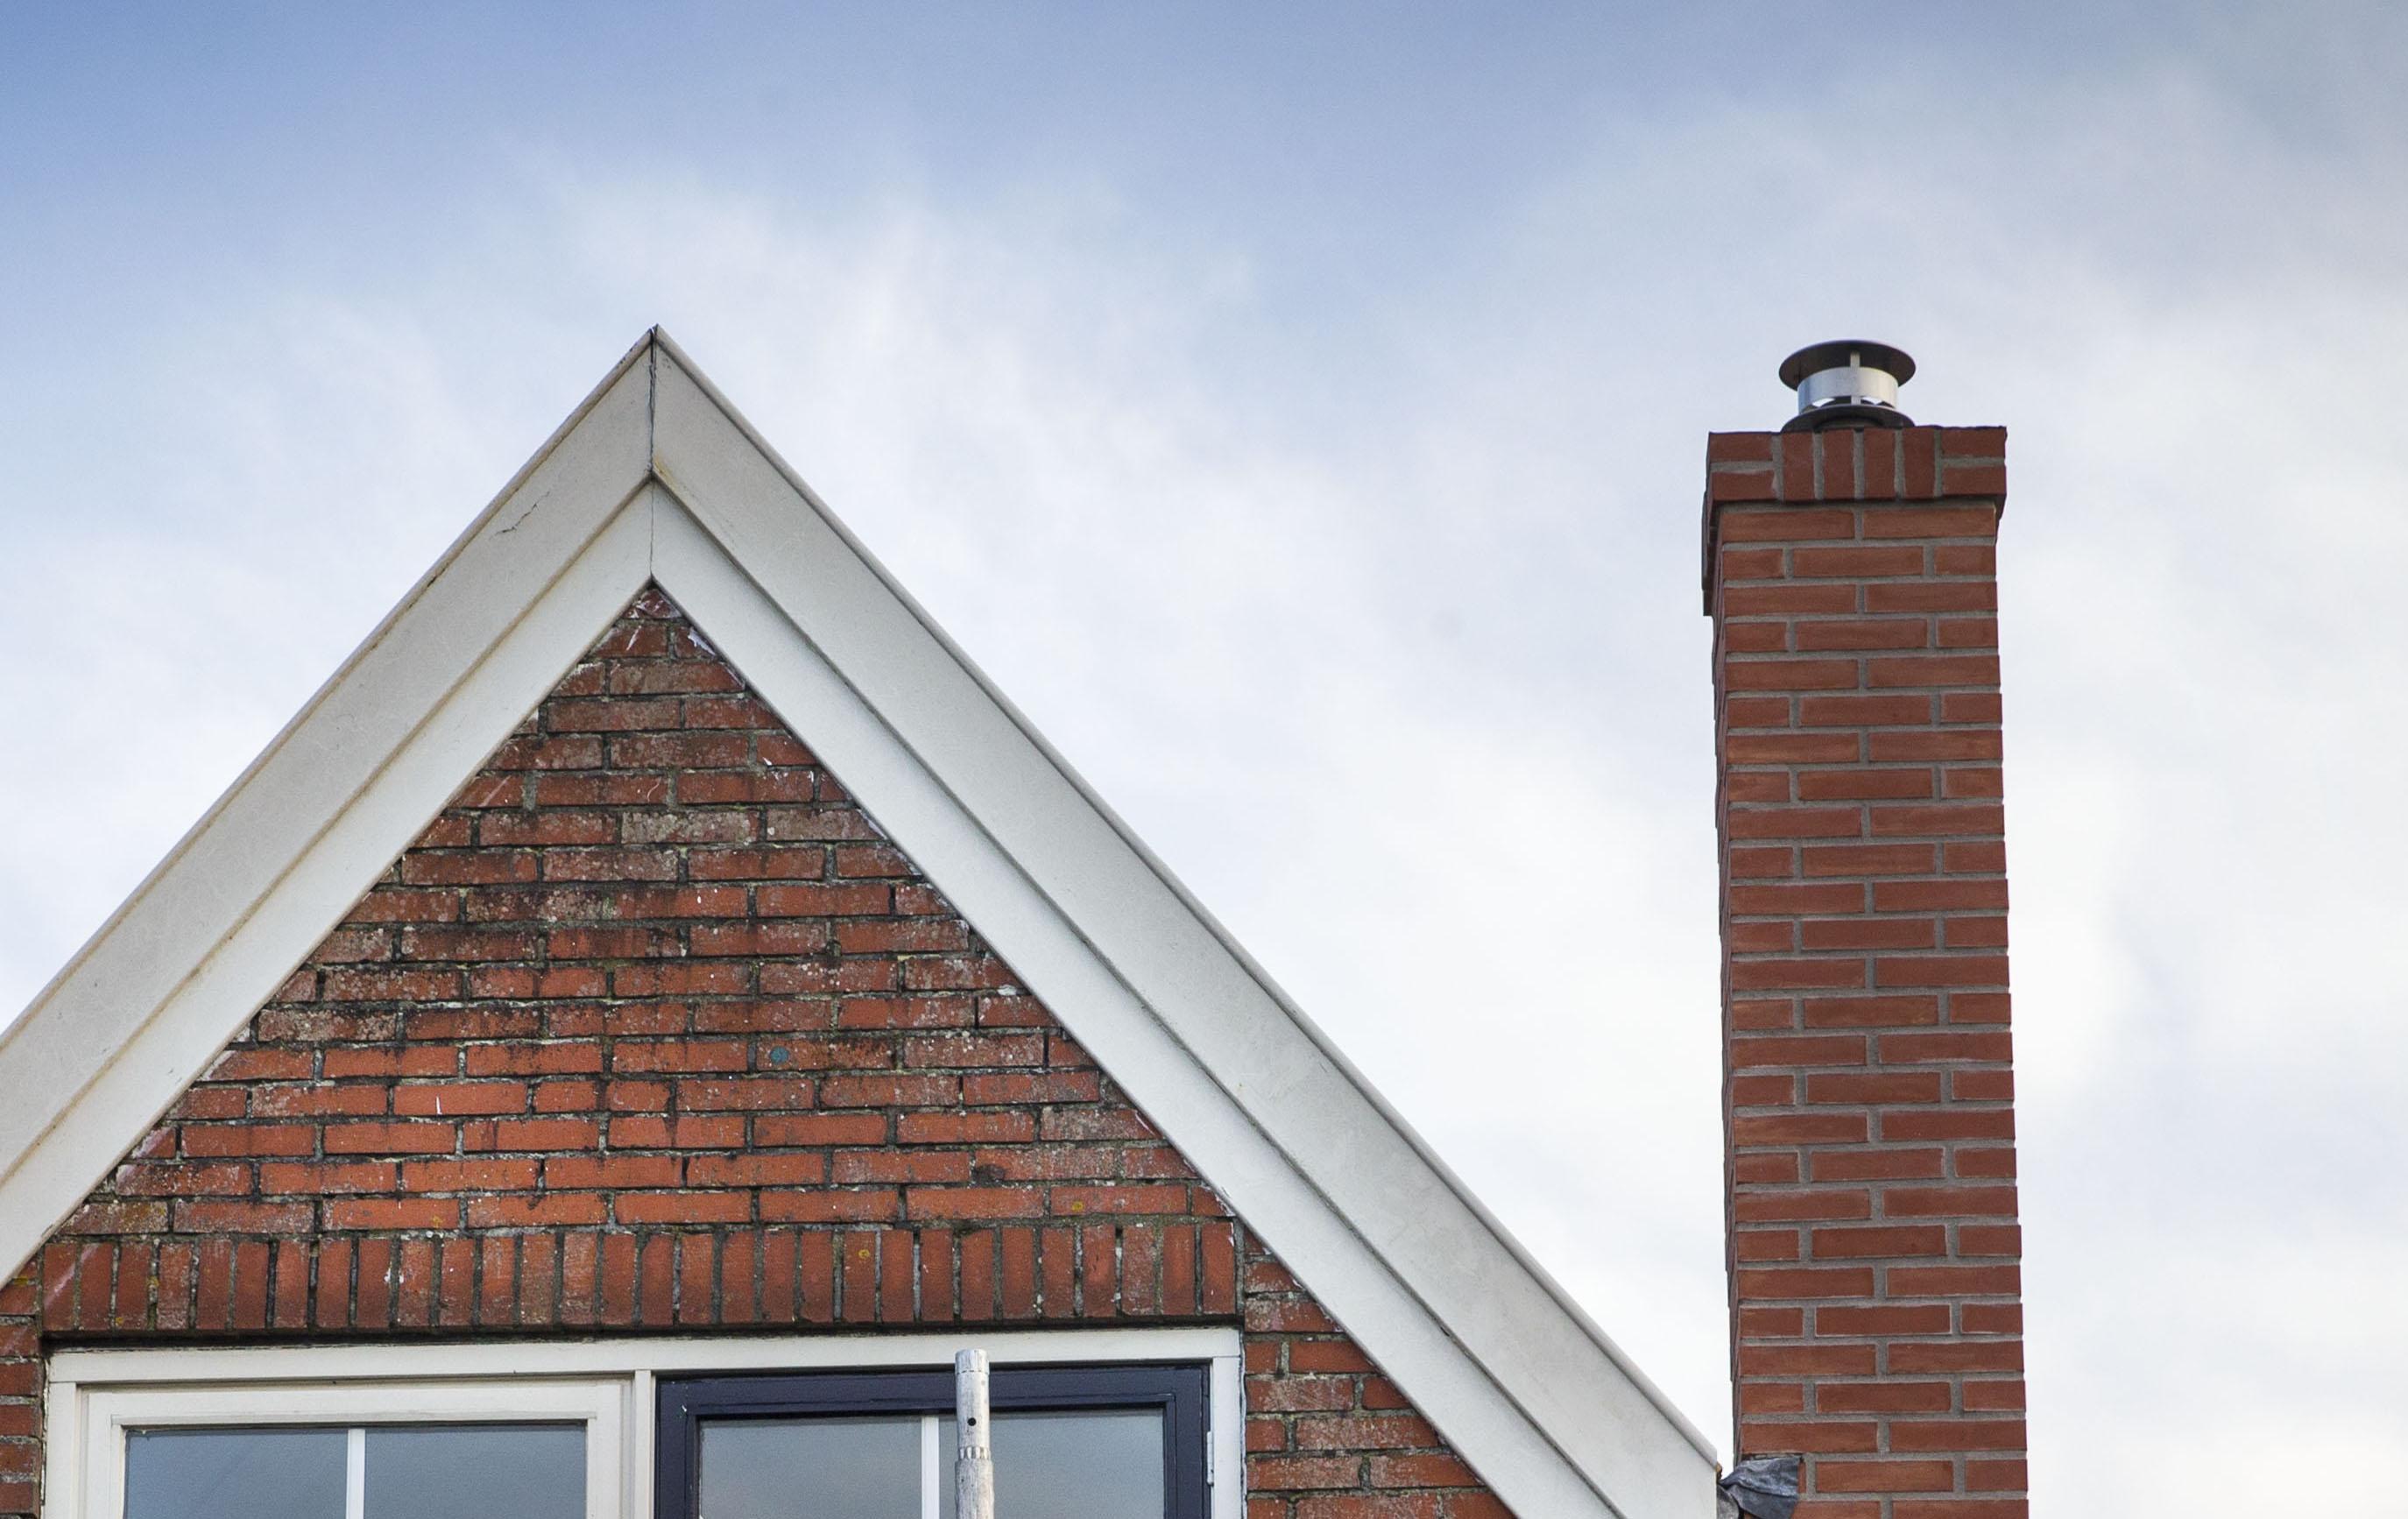 Een vrouw op Texel leende haar huis uit aan vrienden. Mag niet, zegt de gemeente en legt een dwangsom op. Van 19 duizend euro... 'Te gek voor woorden'